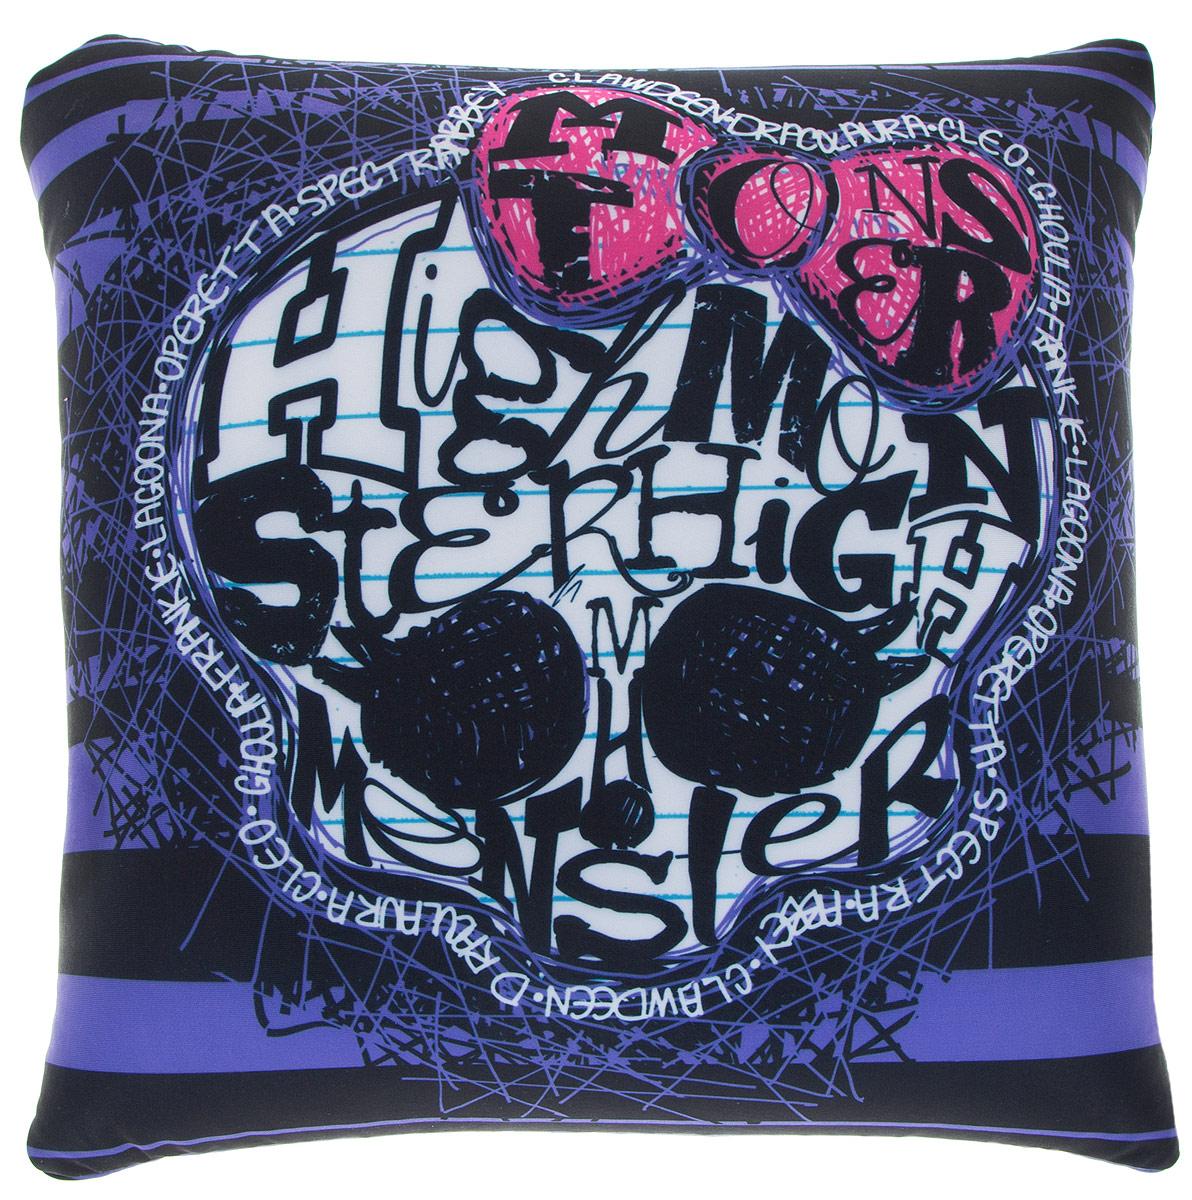 Maxi Toys Подушка Monster High цвет фиолетовый черный белыйMT-H091414Яркая и оригинальная подушка Maxi Toys Monster High станет отличным аксессуаром к интерьеру любой детской комнаты! Подушка украшена принтом в стиле популярного мультсериала Monster High. Мягкую подушку можно взять с собой в путешествие - в самолете и автомобиле положить ее под голову во время отдыха, а наполнение в виде маленьких полимерных шариков будет отлично снимать стресс. Размер подушки: 32 см х 32 см х 14 см.